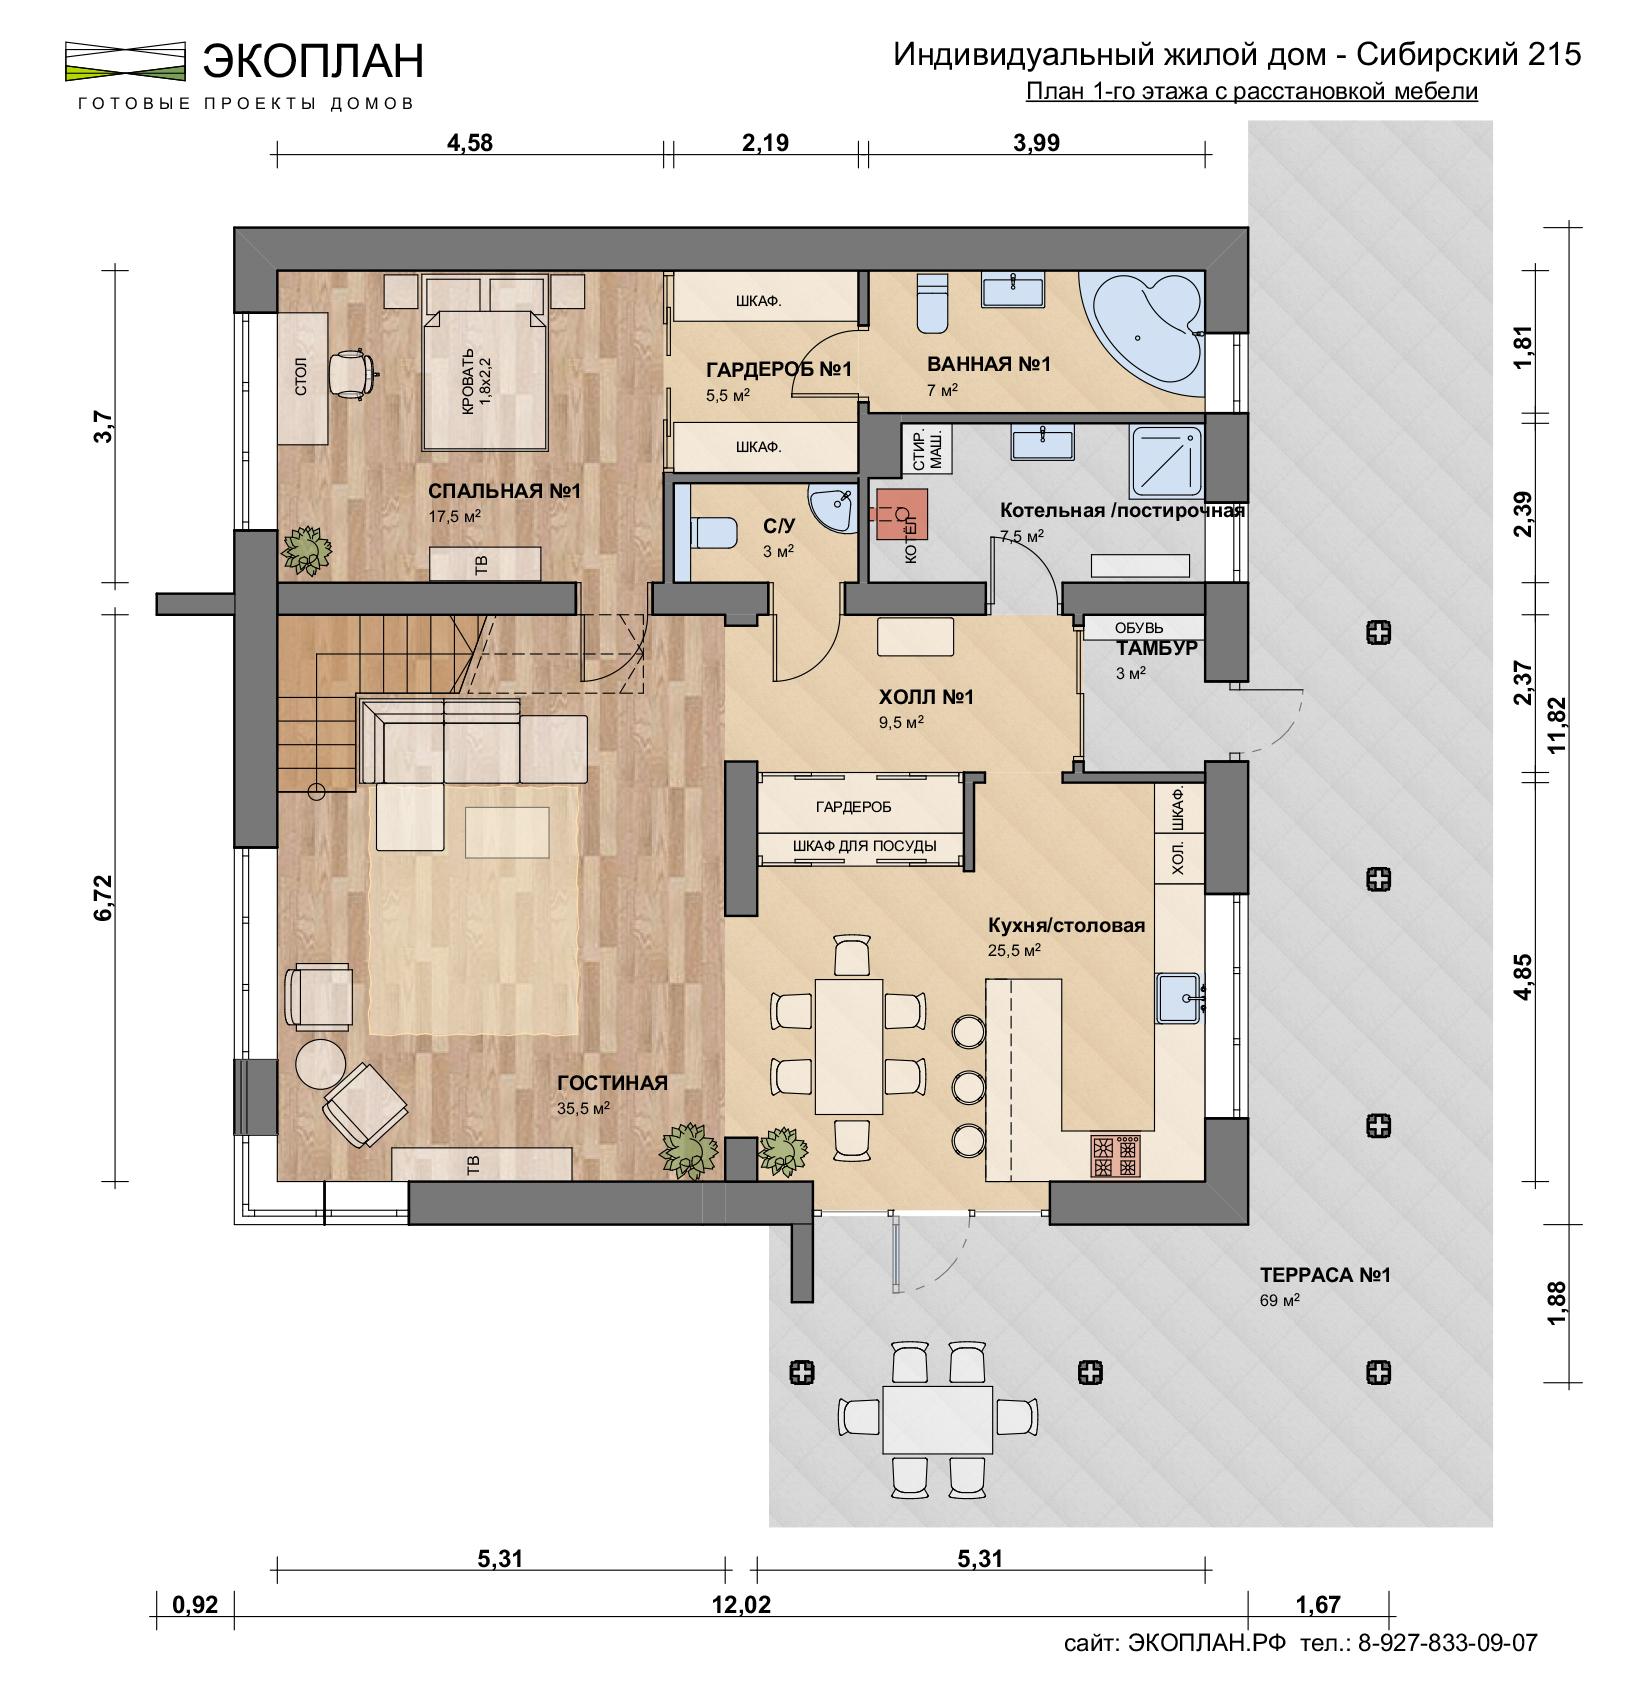 Готовый проект дома - Сибирский 215 - Экоплан.рф план